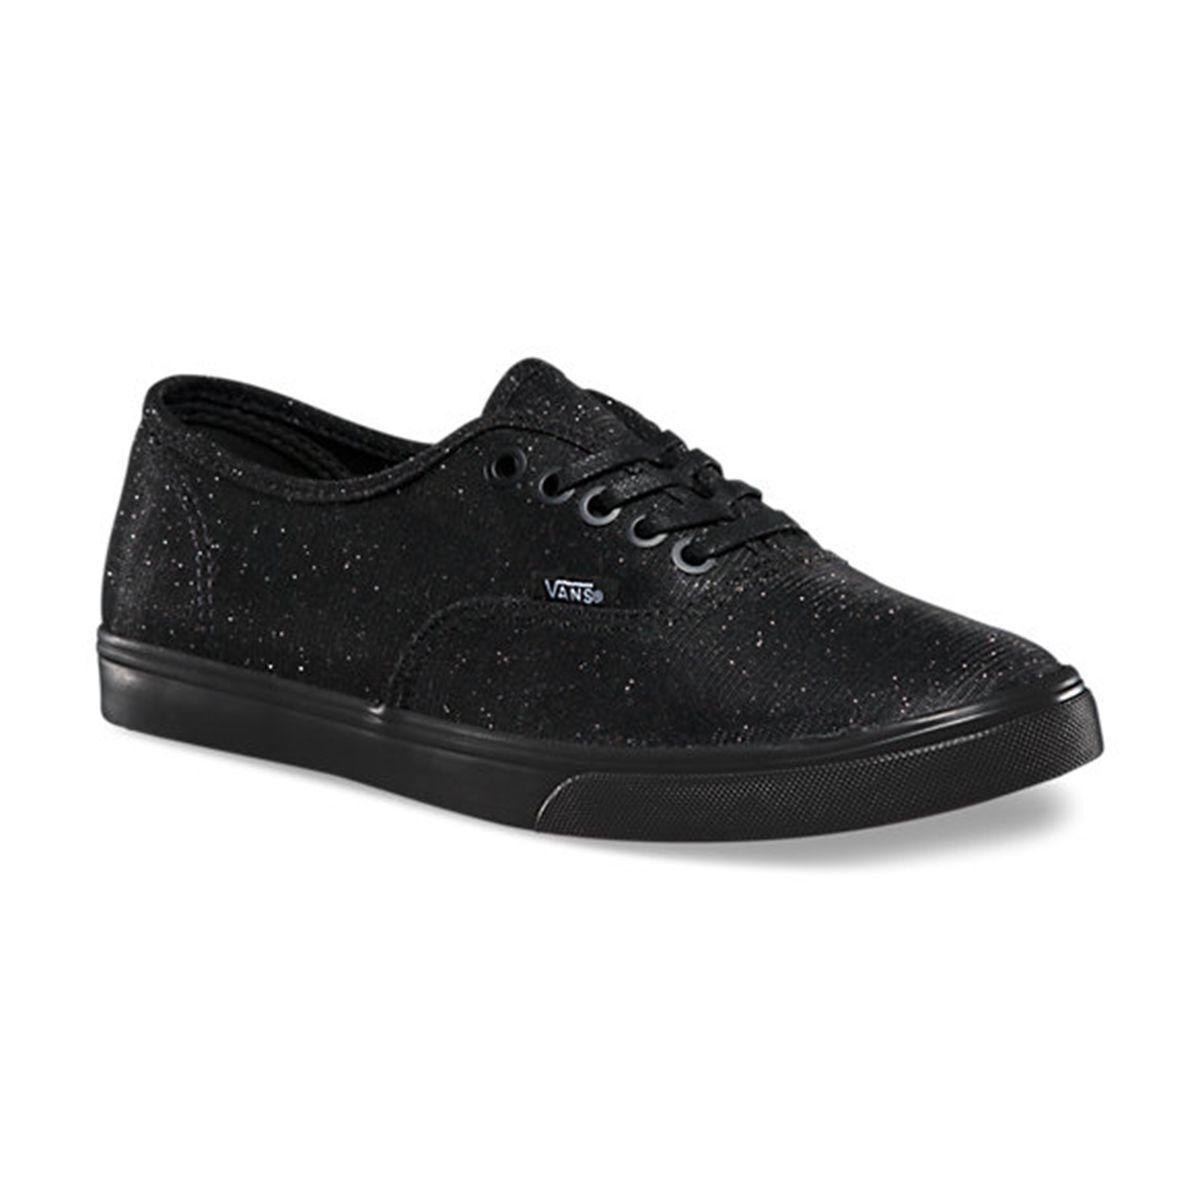 Vans AUTHENTIC LO PRO Womens shoes (NEW) Glitter Black SPARKLE SPARKLE SPARKLE BLING   Size 5-10 dec4fc